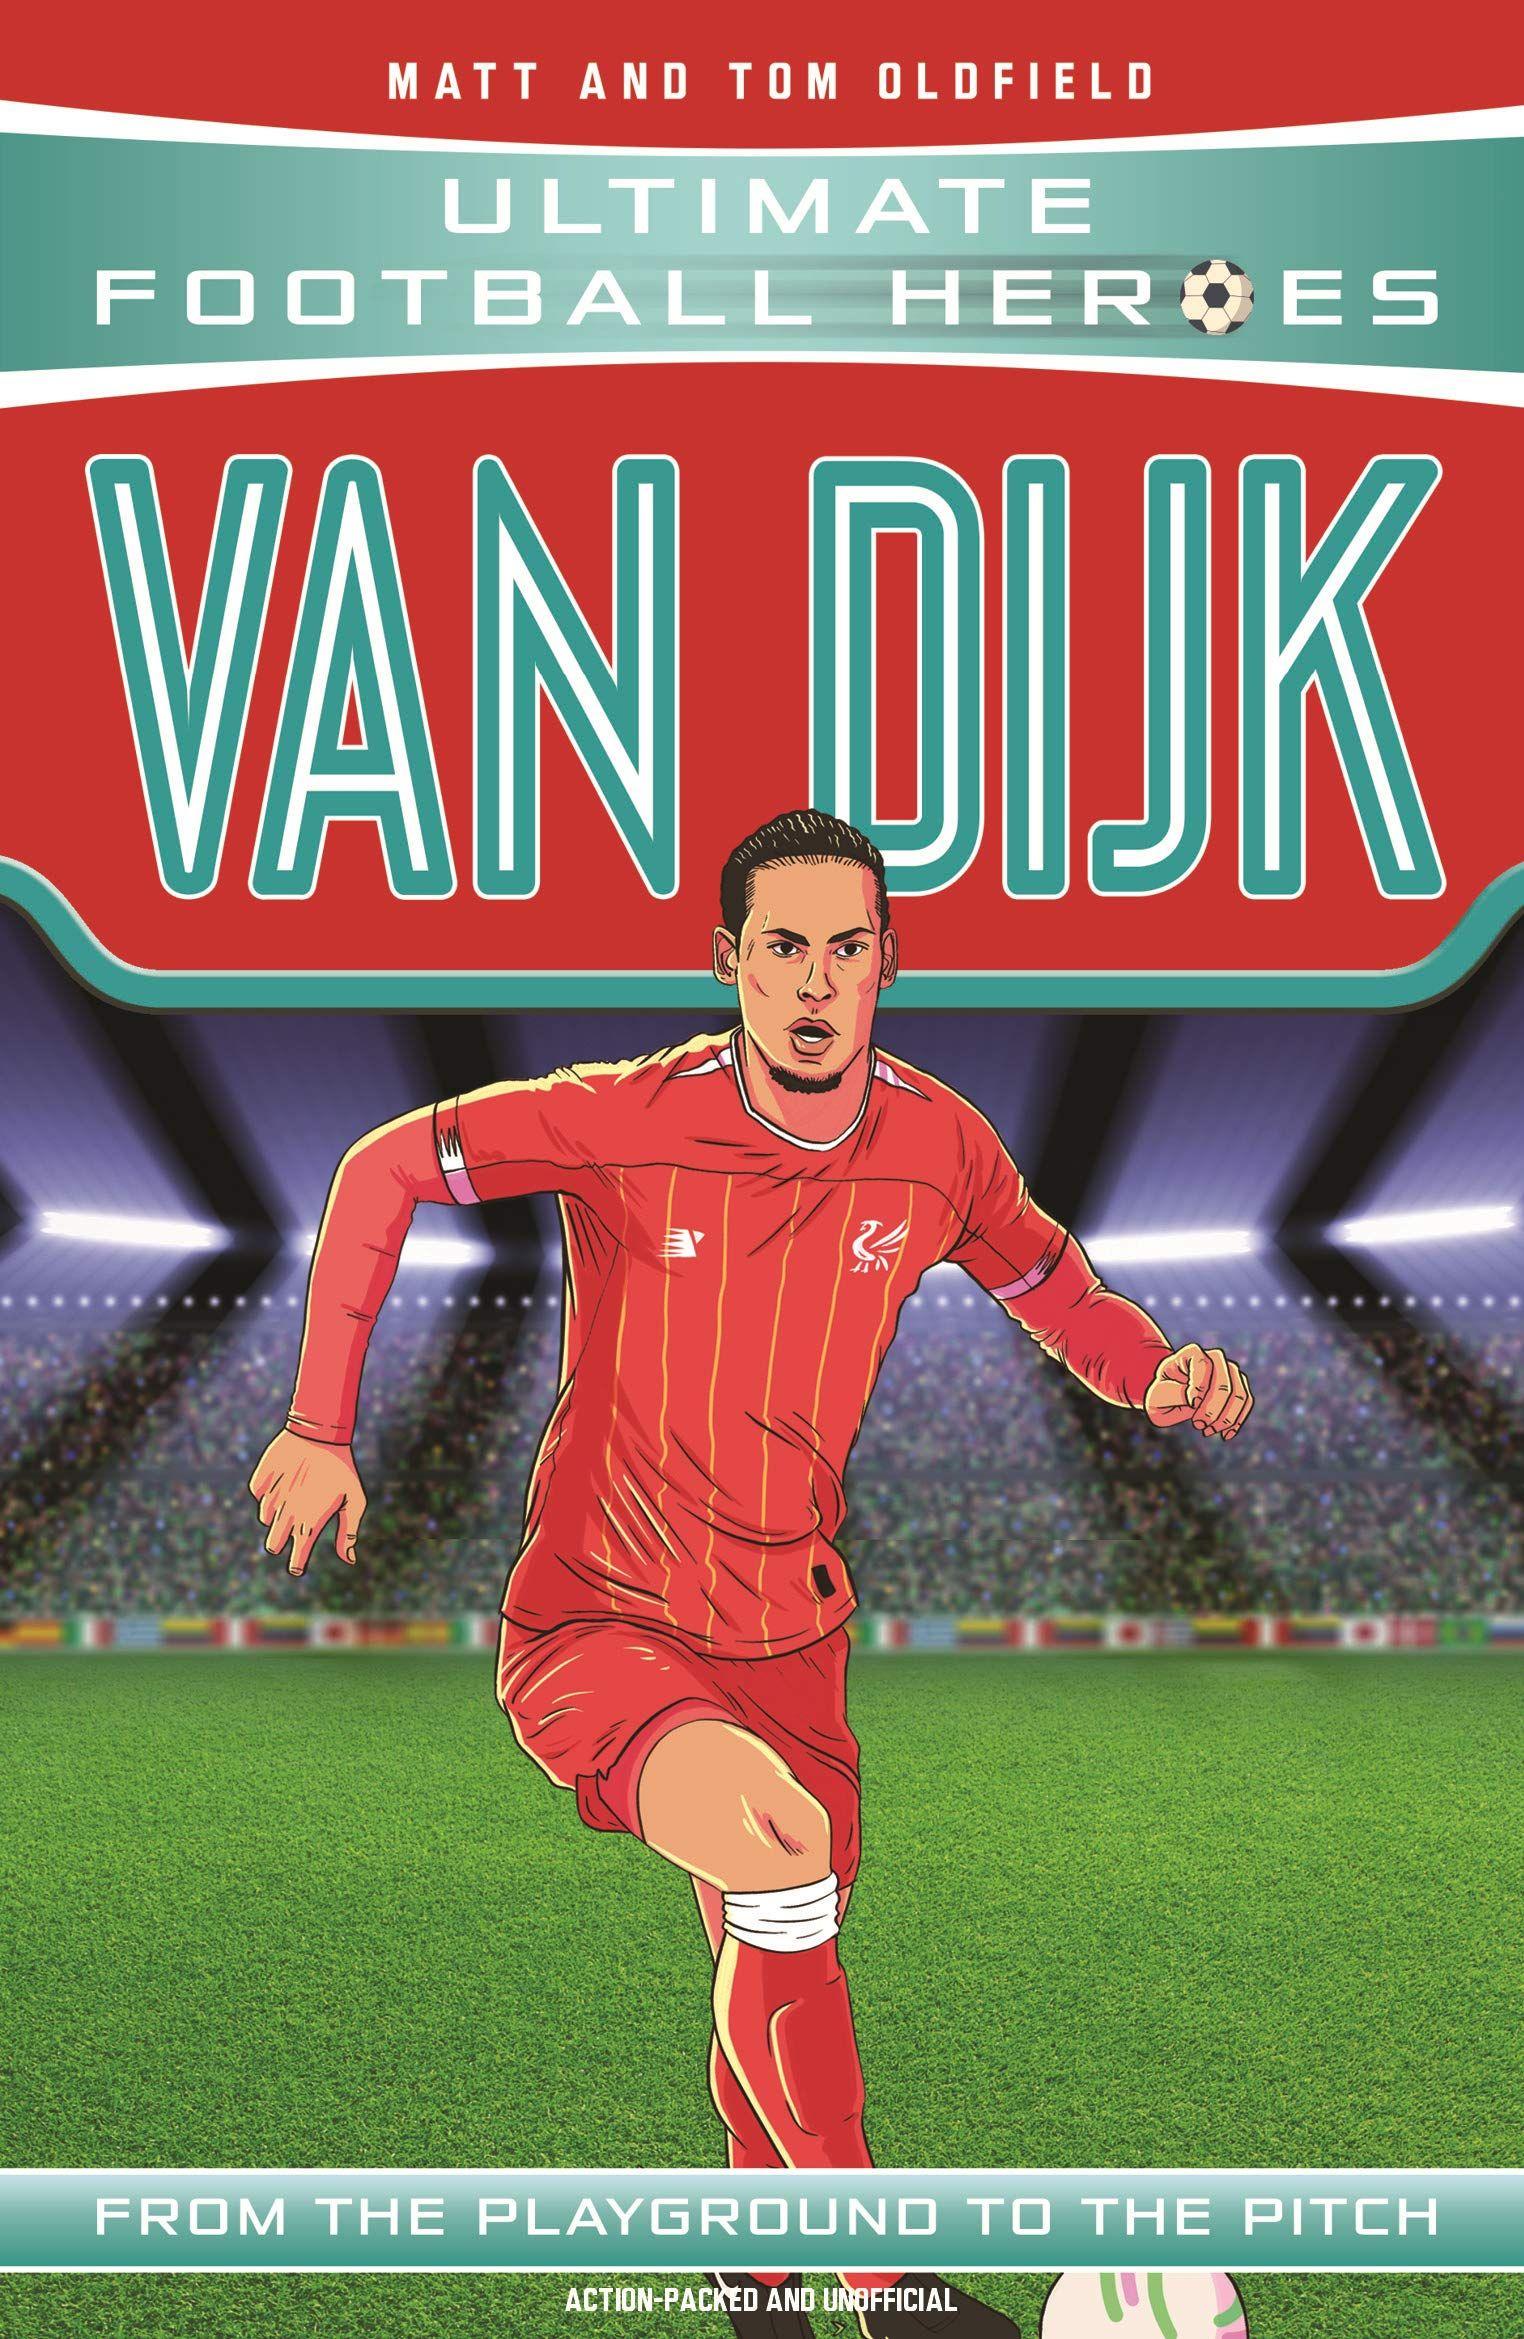 Football Heroes Book Virgil Van Dijk - Paperback £2.99 + £4.49 NP @ Amazon